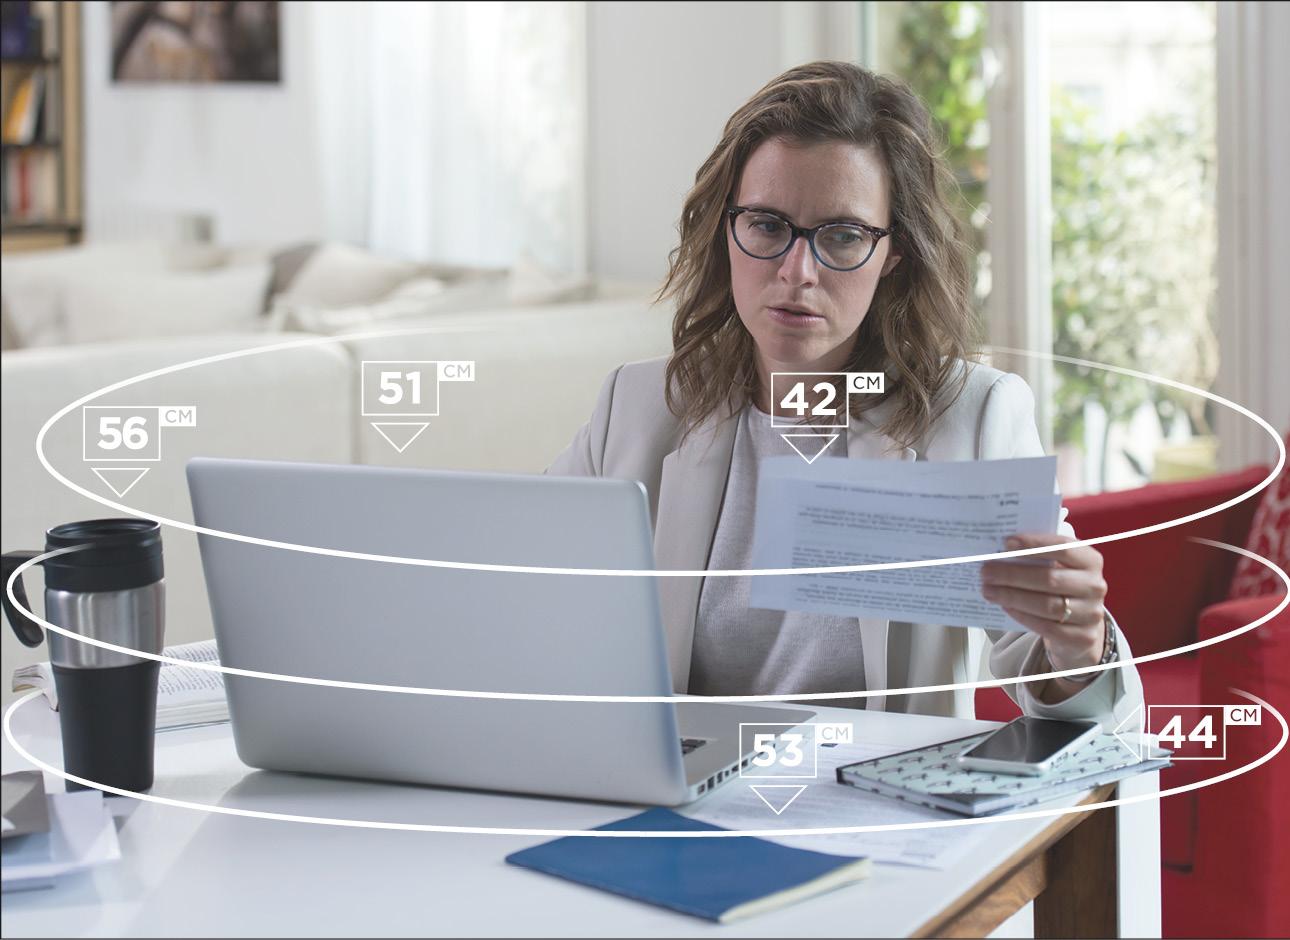 Les verres progressifs : vers toujours plus de personnalisation